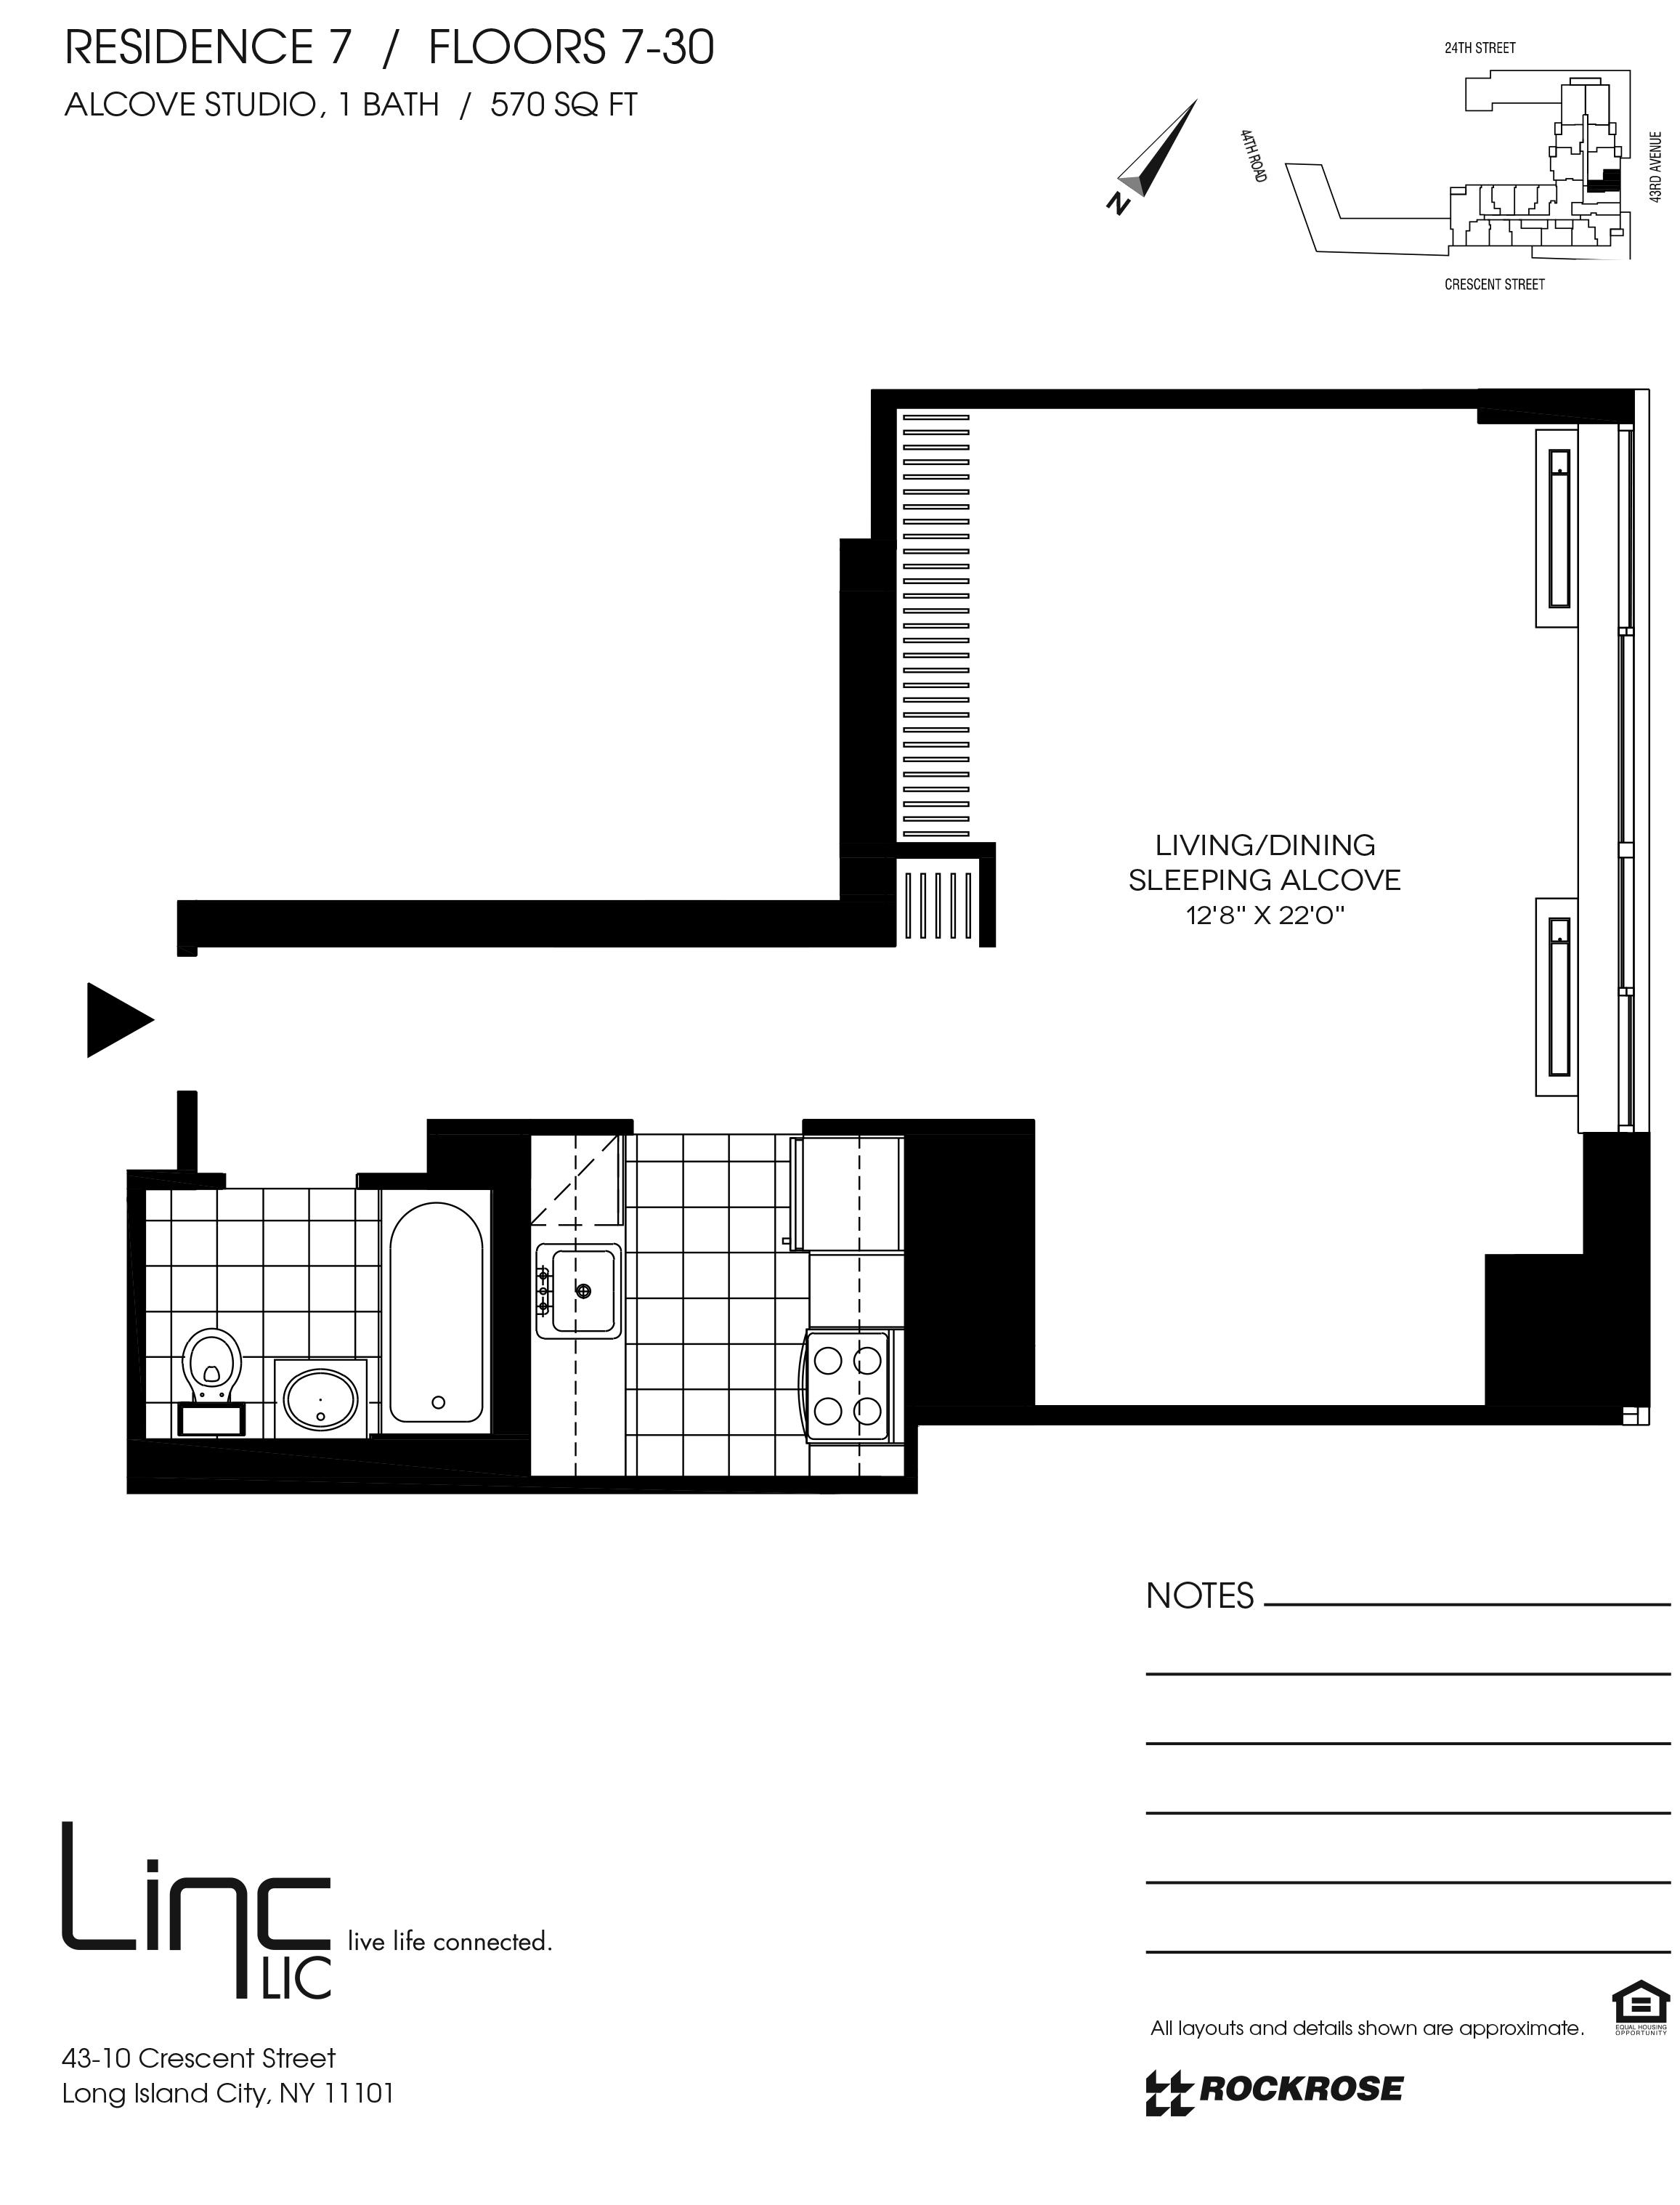 Long Island City Rentals   Linc LIC   Rockrose com